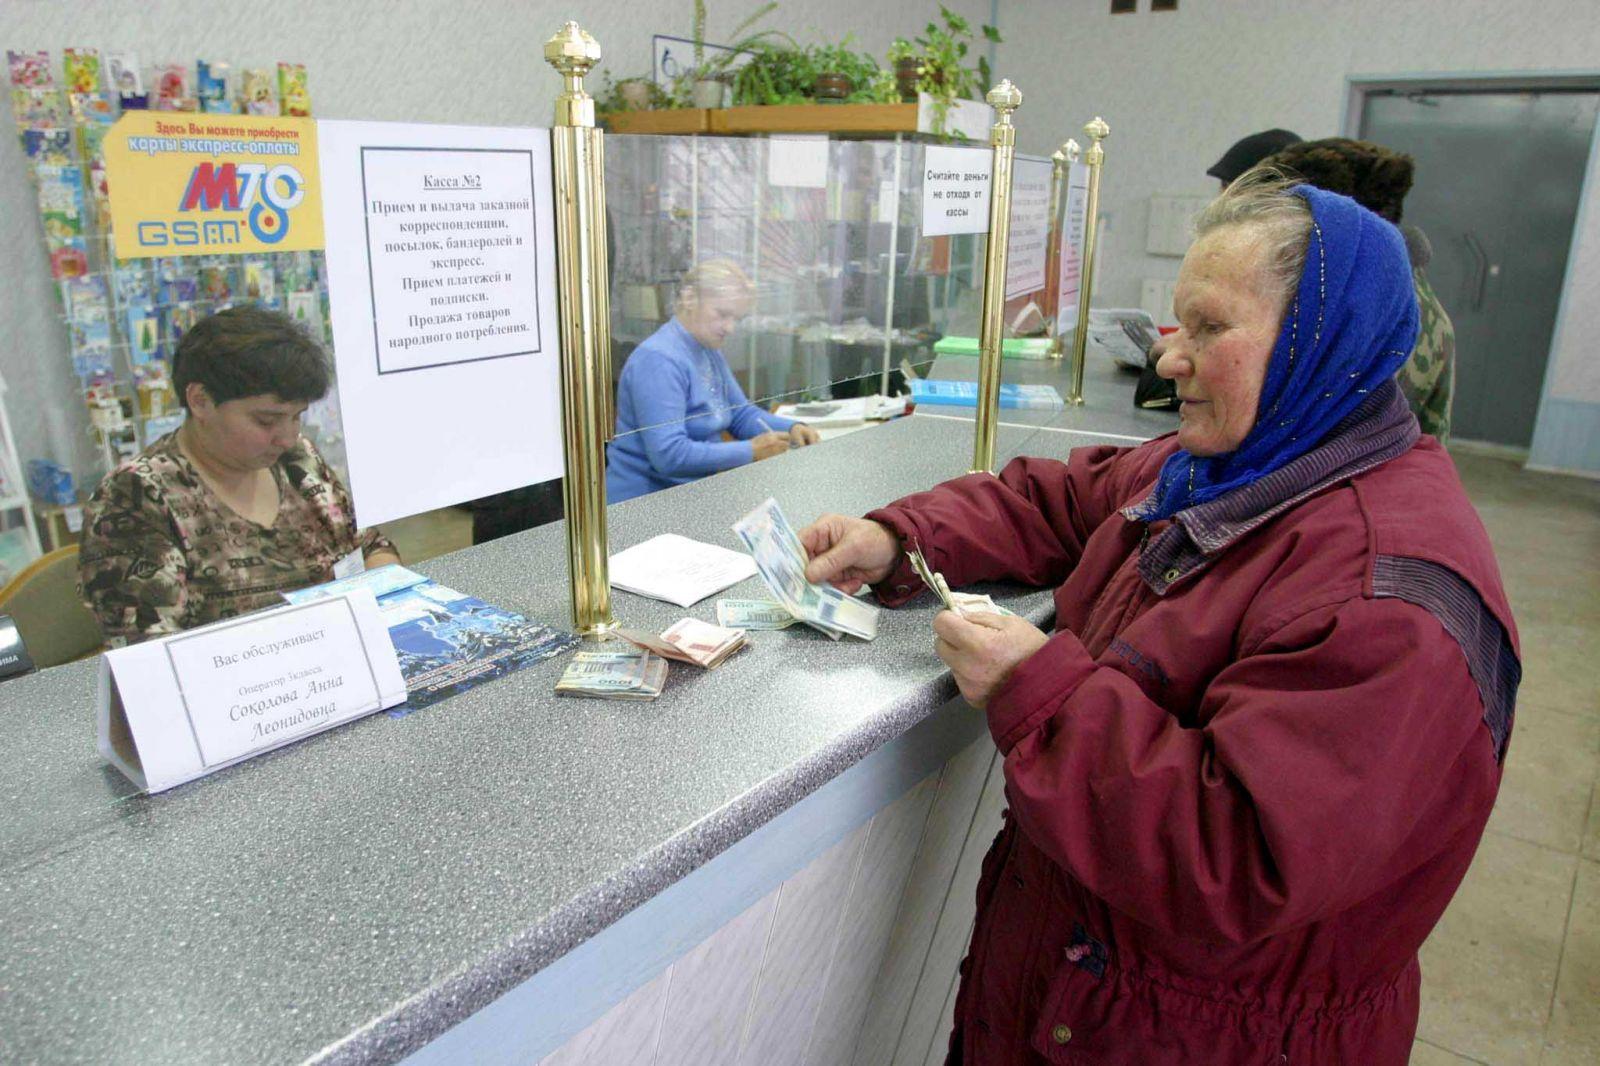 Будет ли в 2016 году выплачиваться пенсия работающим пенсионерам